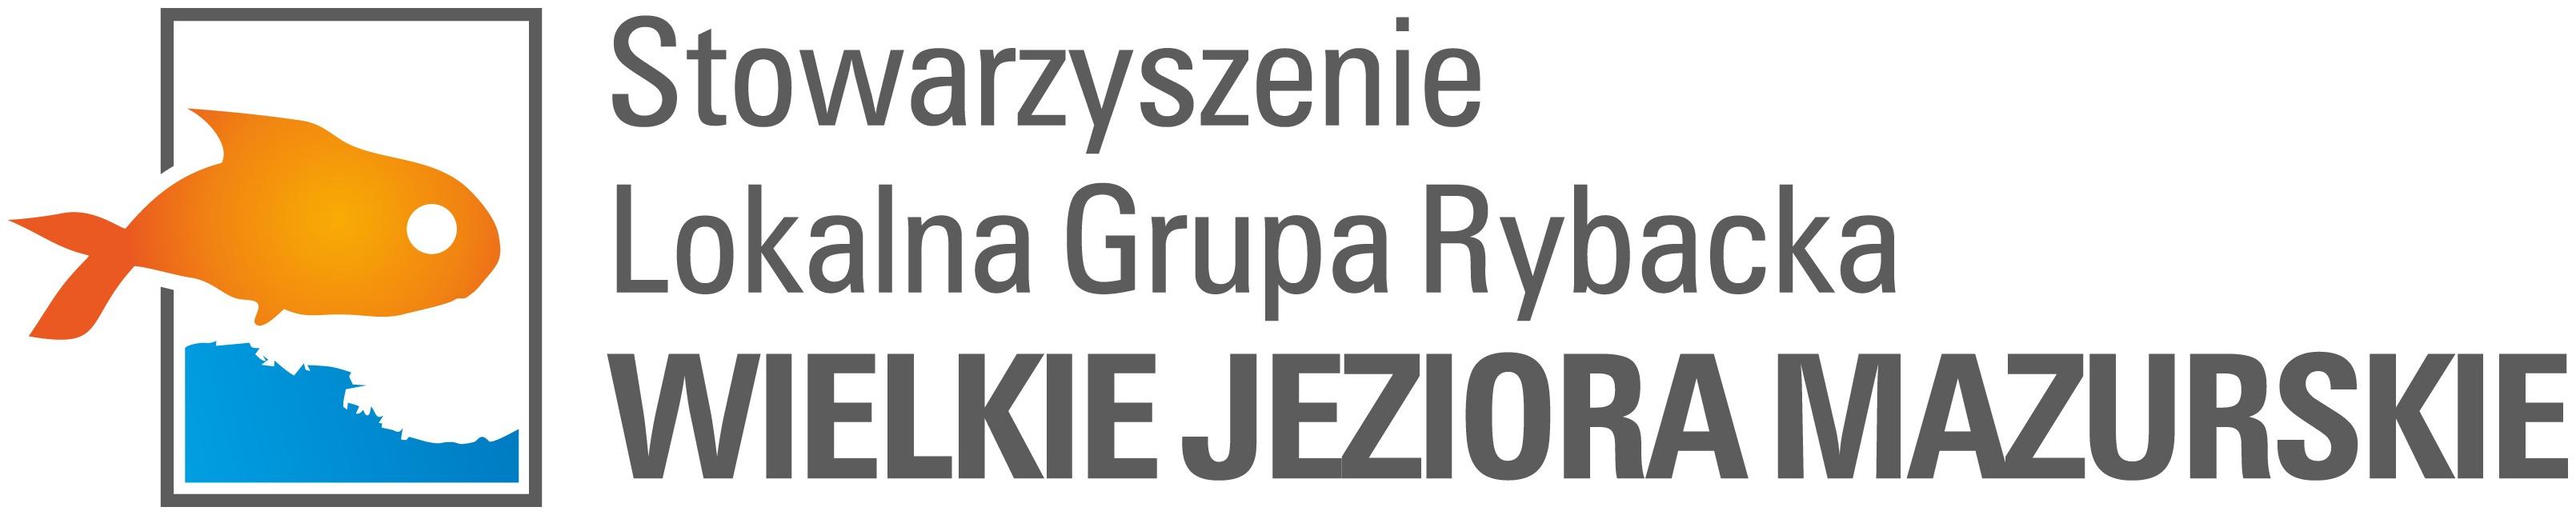 logo link do strony Powiatu węgorzewskiego